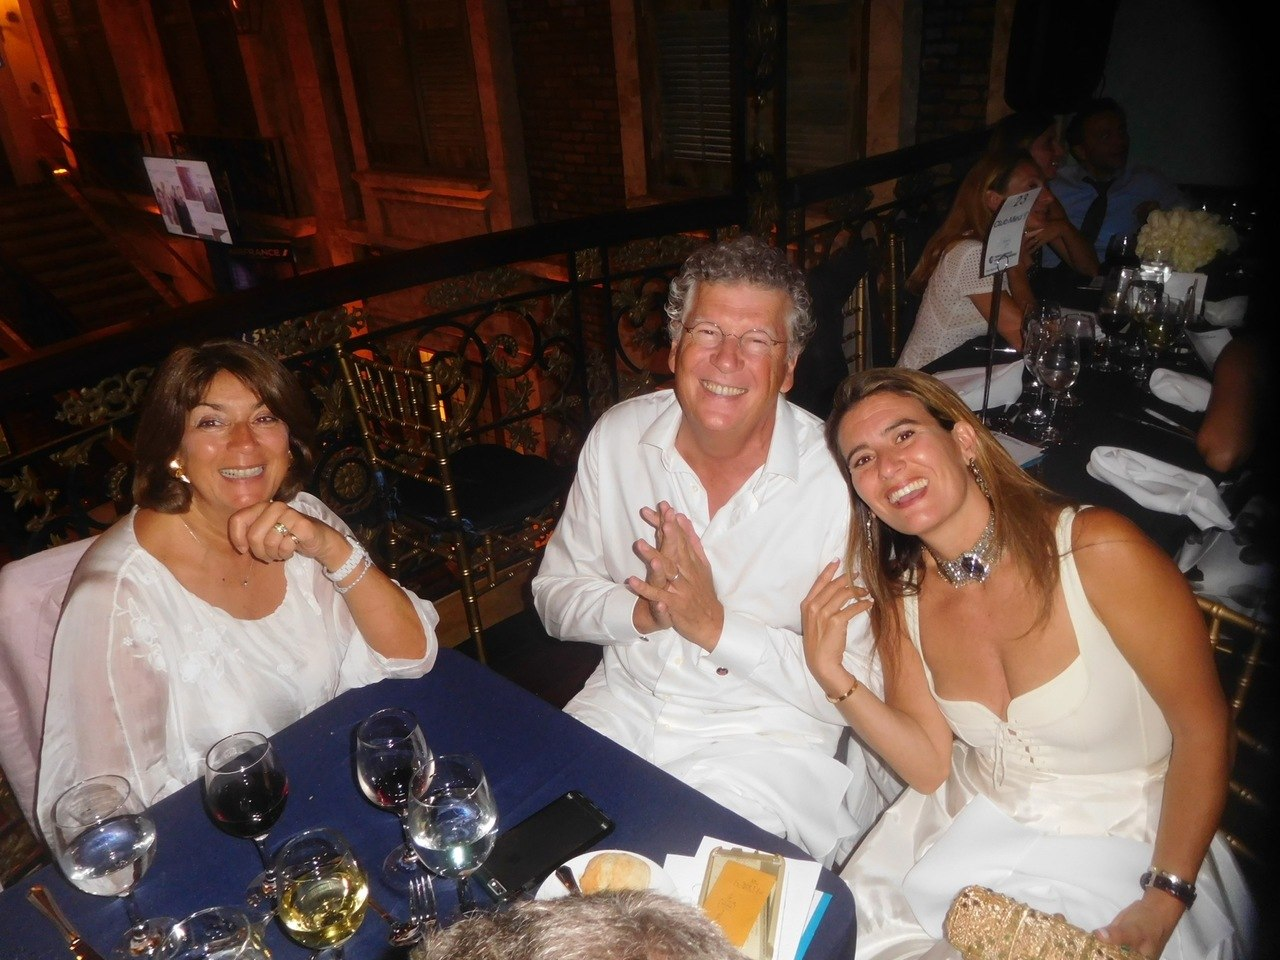 Gala Facc 2016 à Miami : Marie-Pierre Maquet, Patrick et Gabrielle Abada.